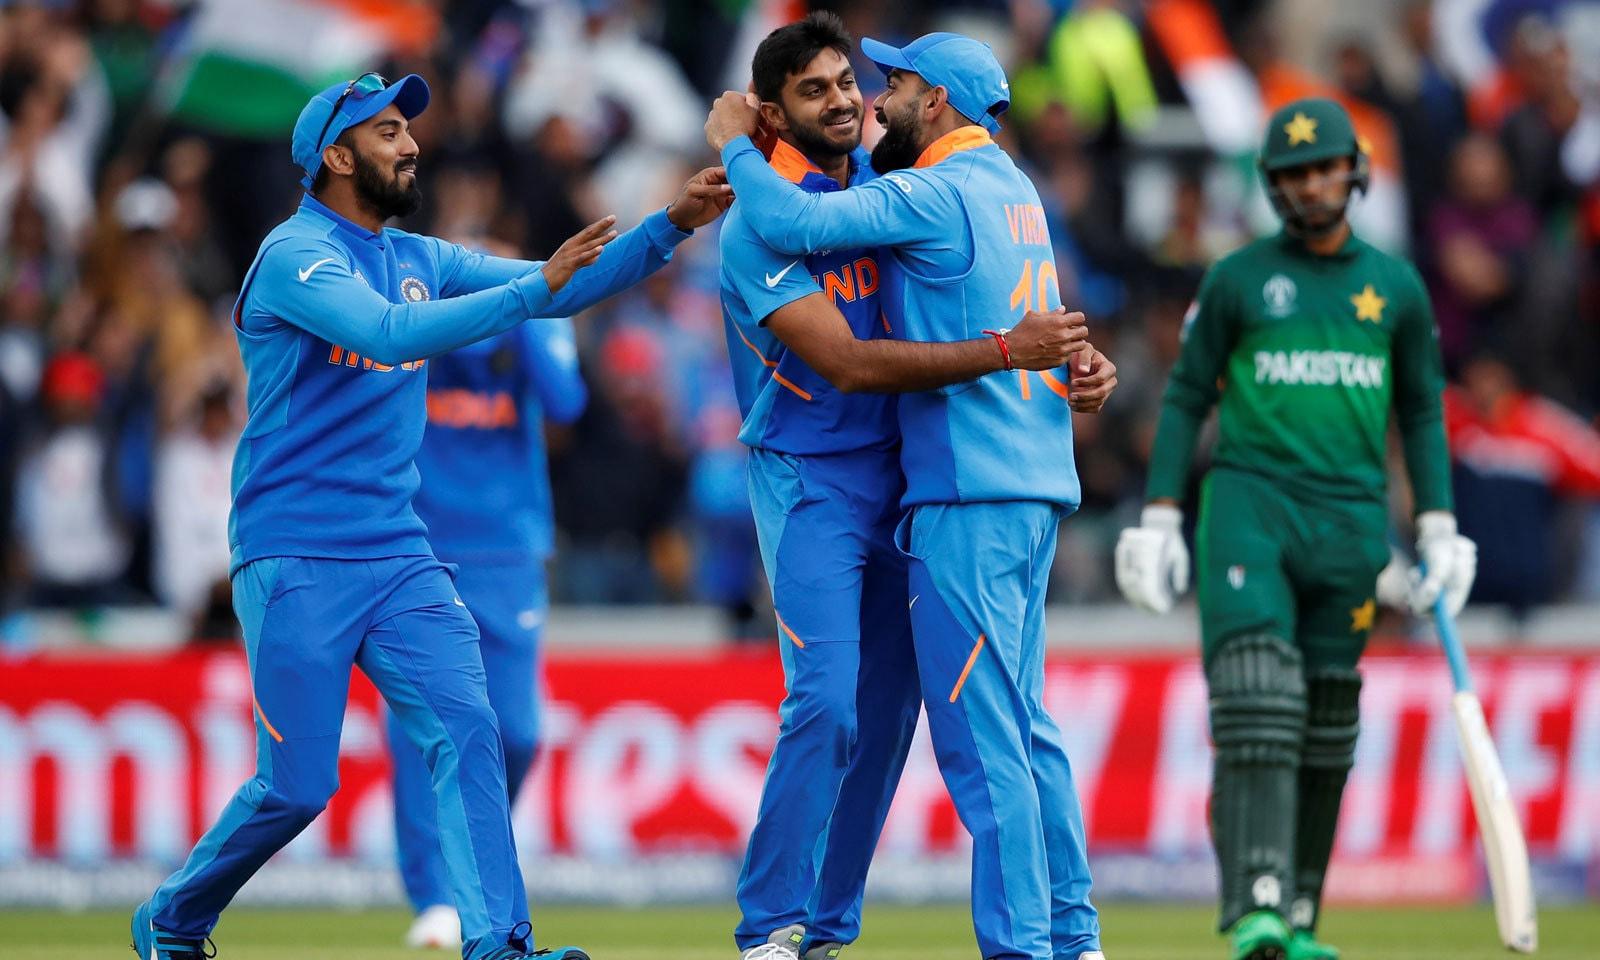 وجے شنکر نے ورلڈ کپ میں اپنی پہلی ہی گیند پر امام الحق کی وکٹ لی— فوٹو: رائٹرز